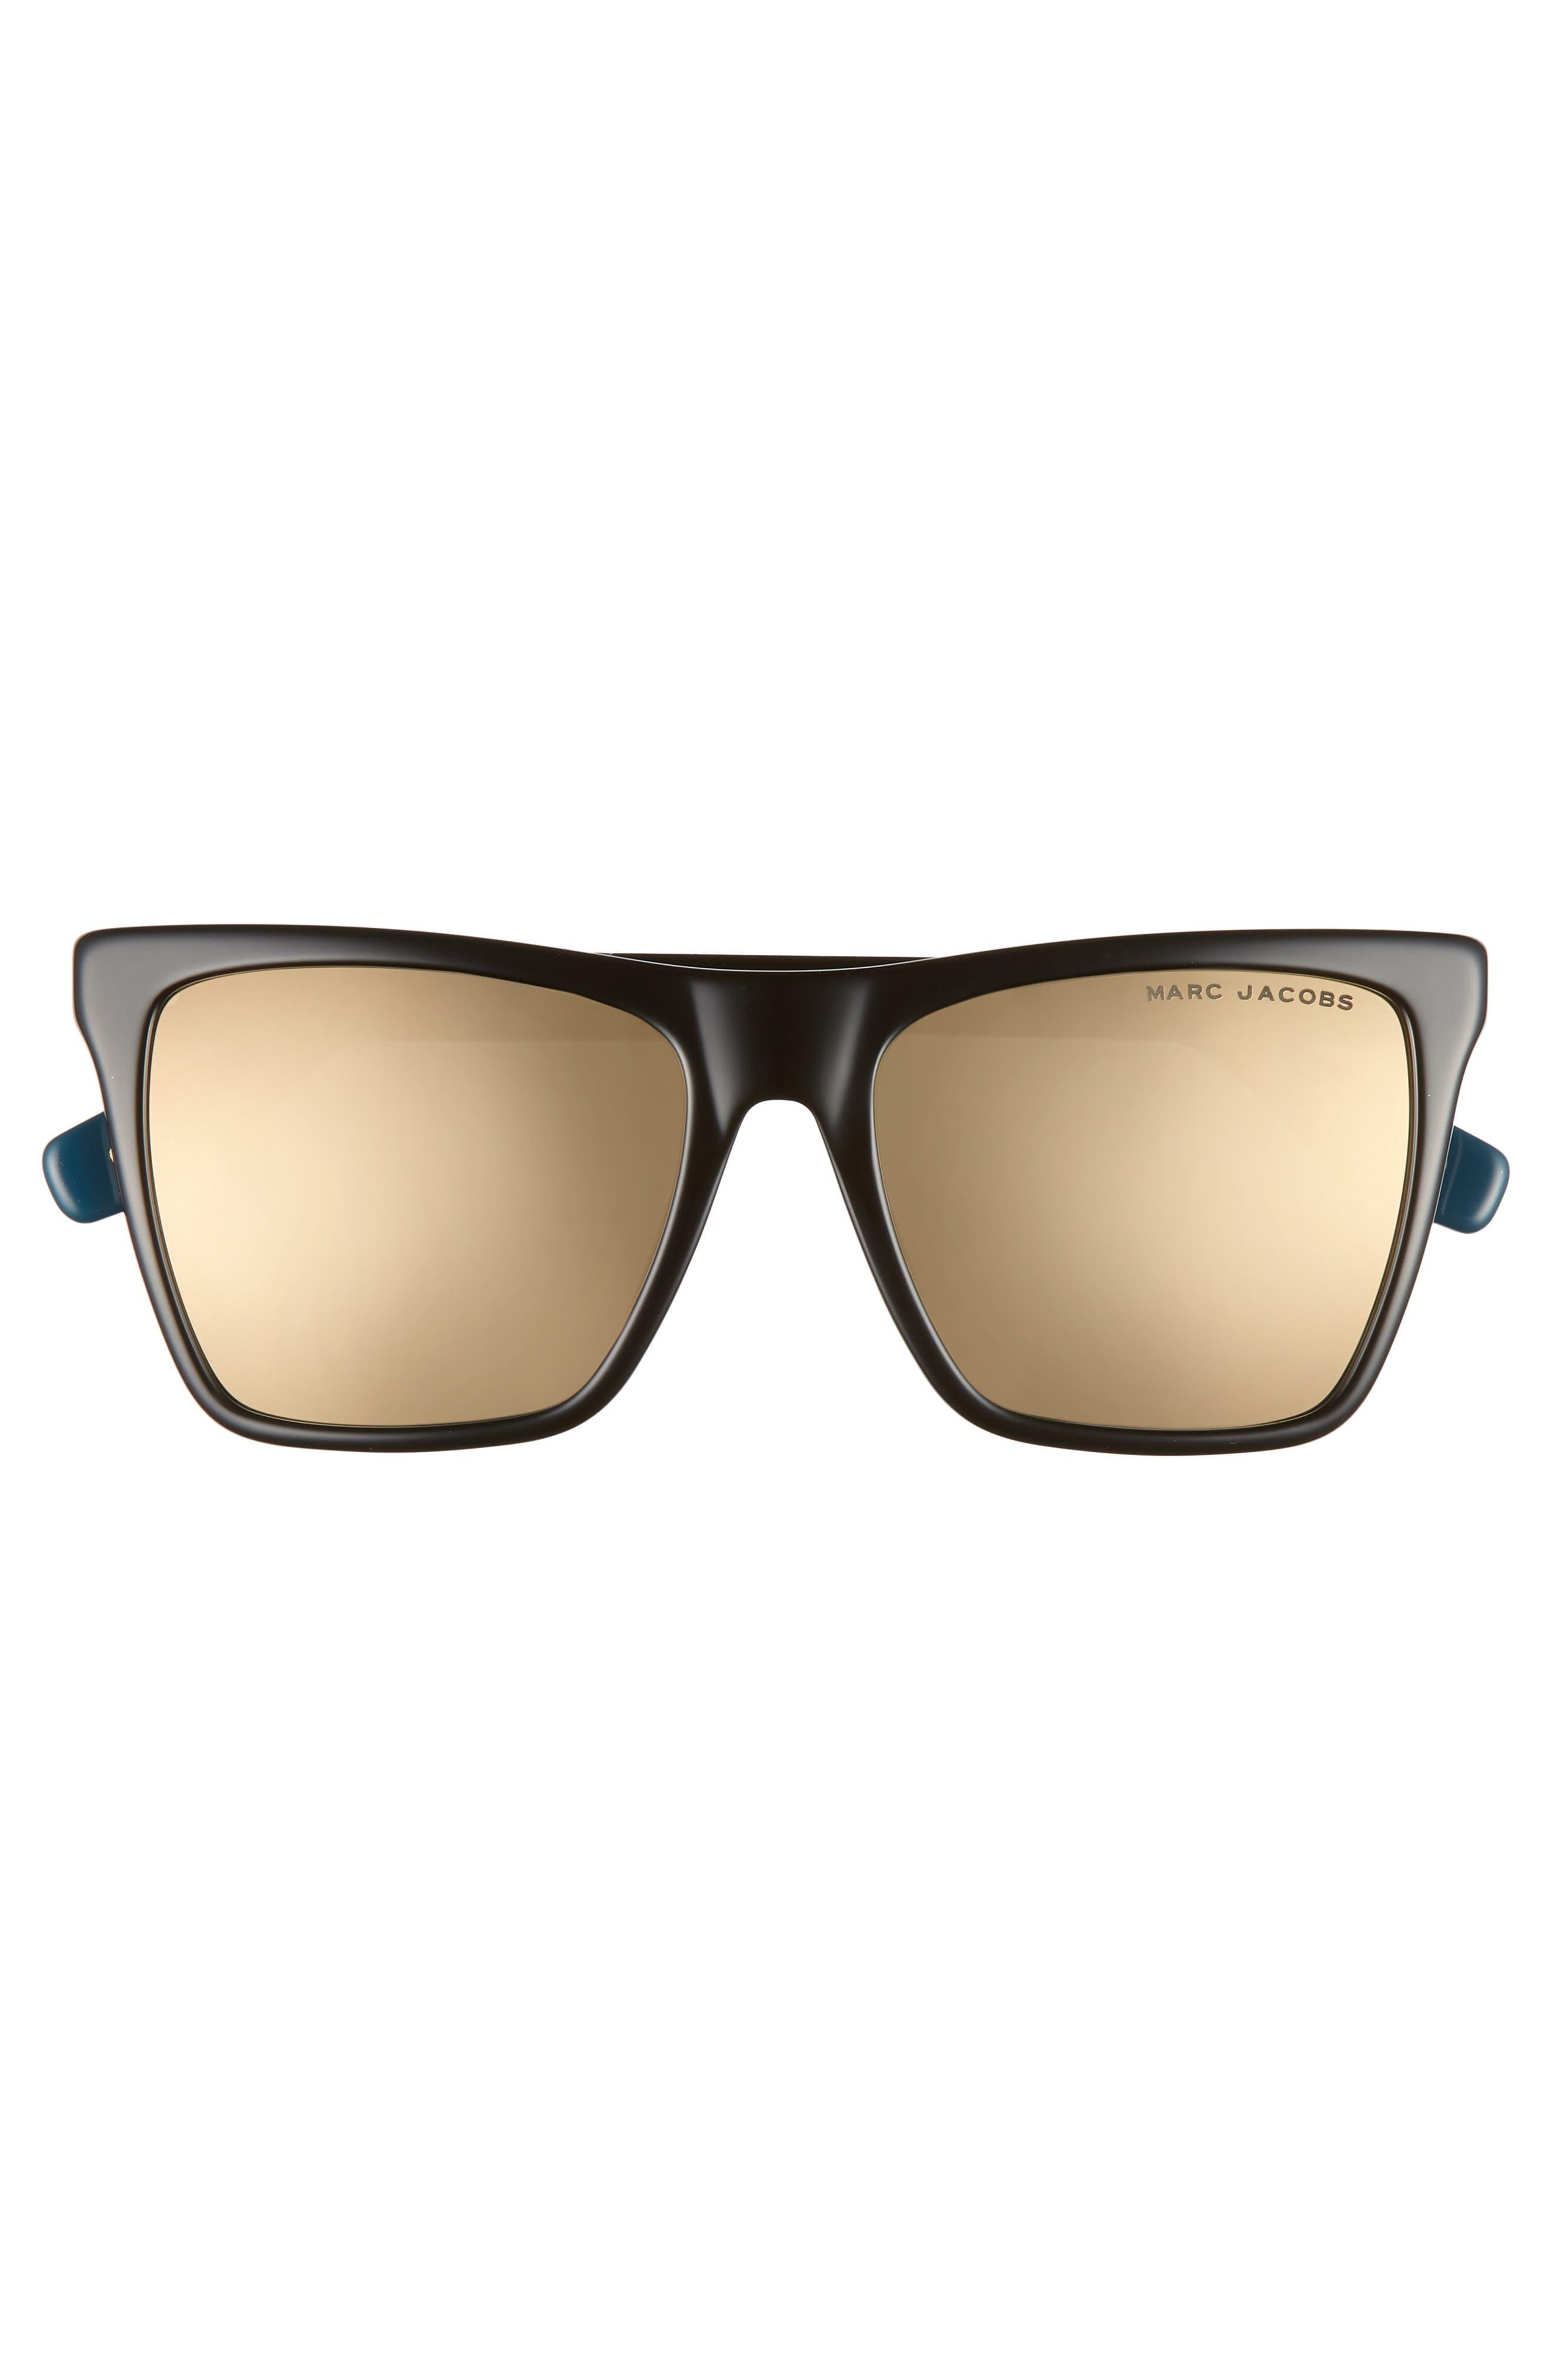 54mm Square Sunglasses,                             Alternate thumbnail 3, color,                             BLACK/ GOLD